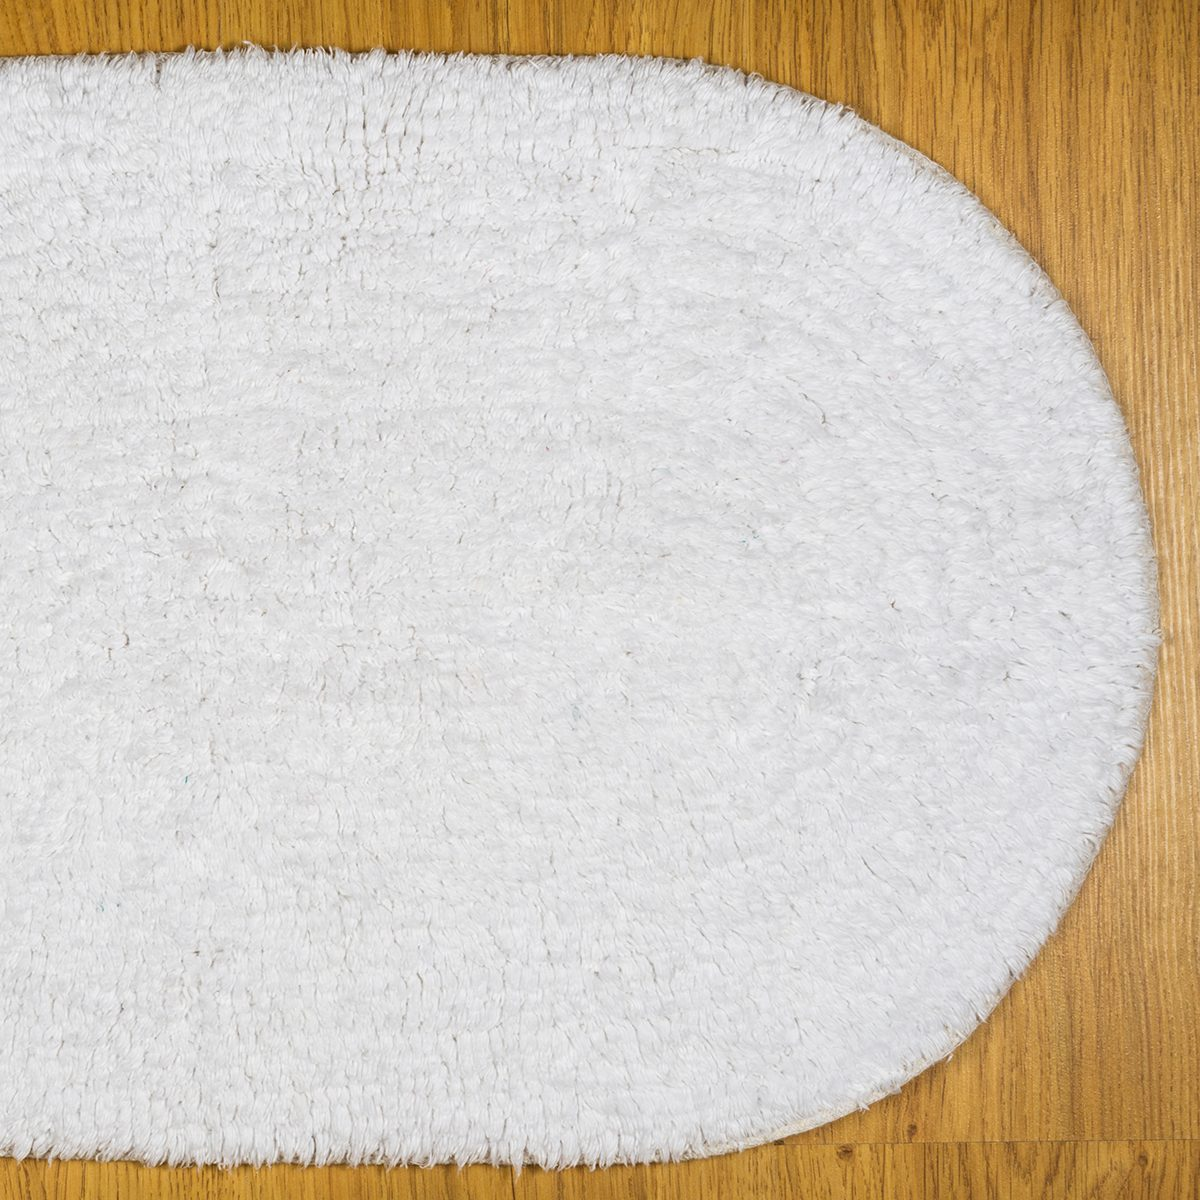 White bathmat over wood floor